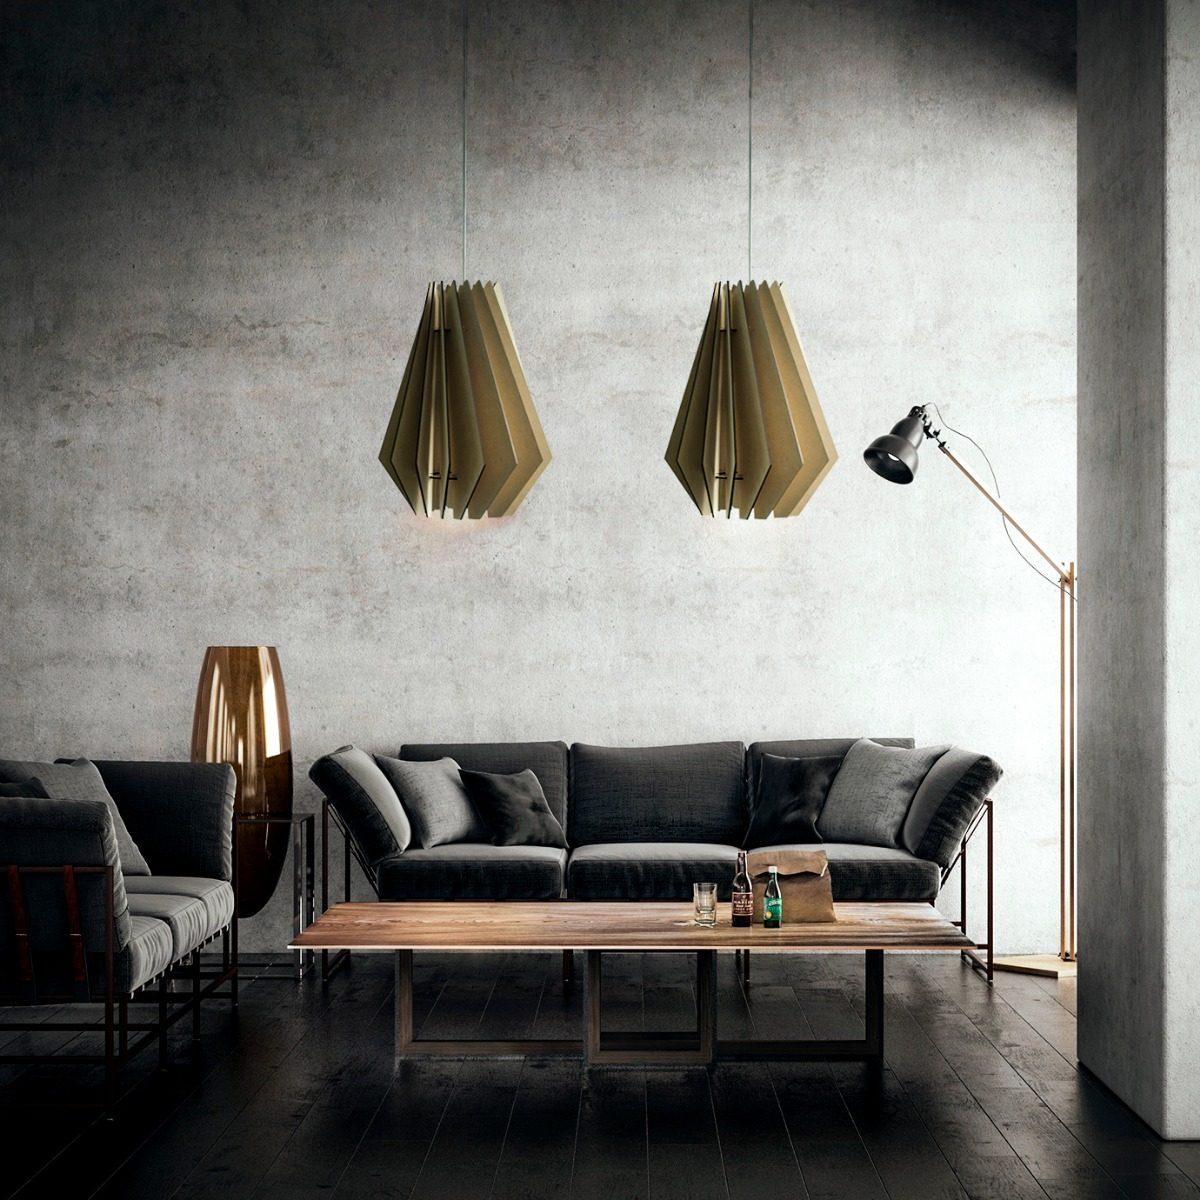 Lampara Colgante Sombra Madera Diseño Living Comedor - $ 1.399,00 en ...